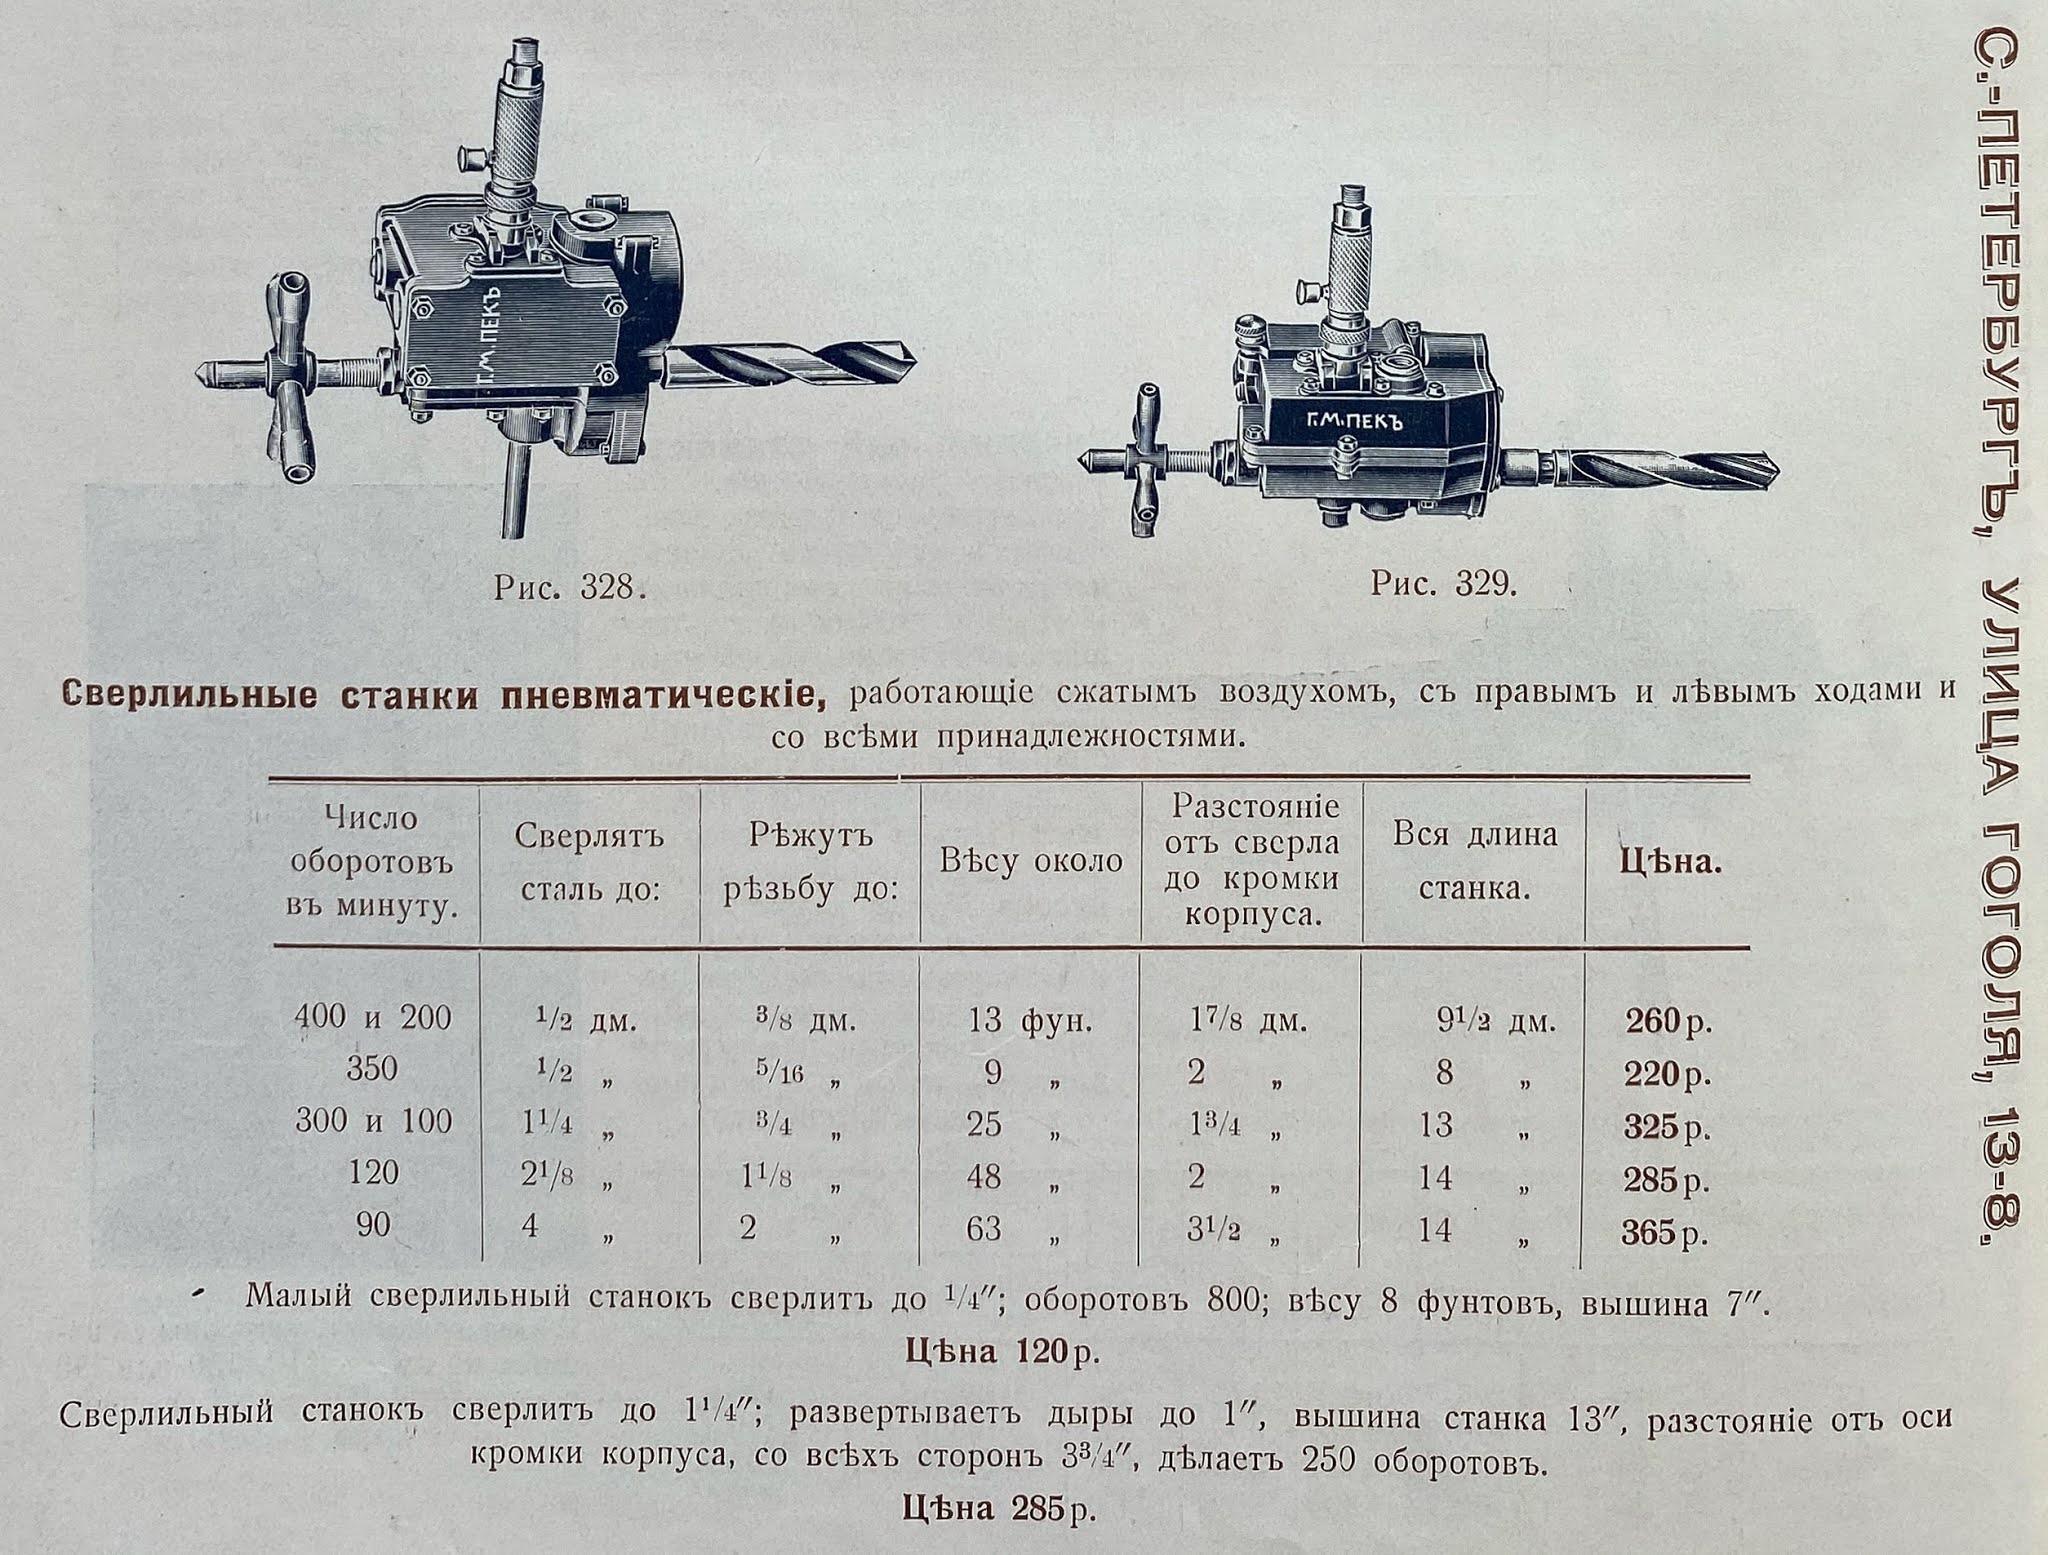 Электродрель, электрическая и пневматическая сверлильная машина, Российская империя.